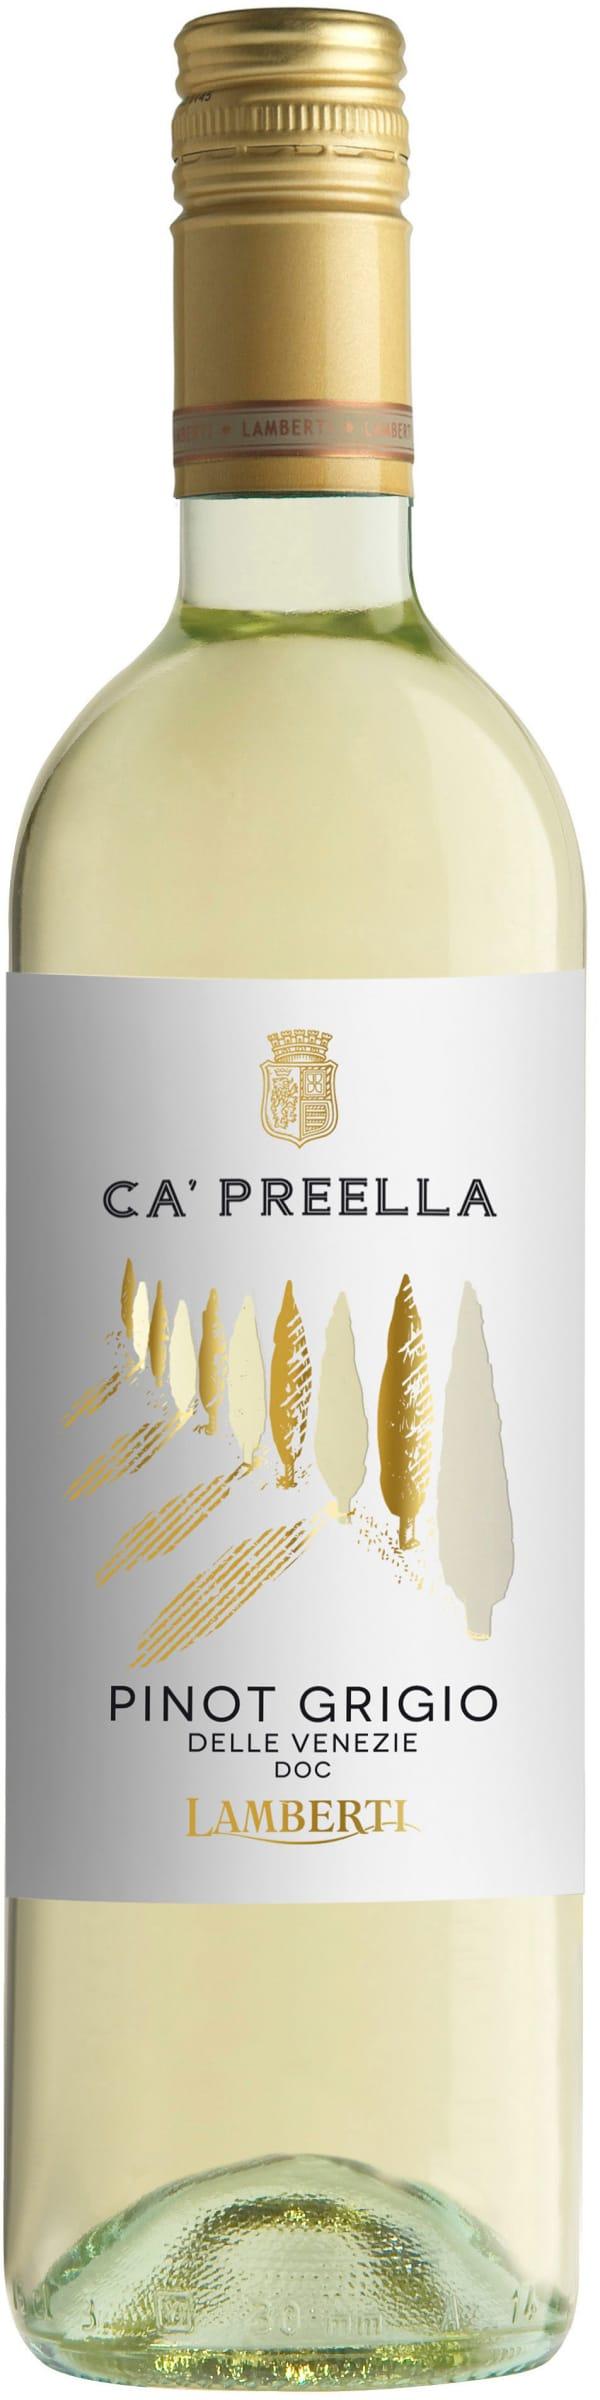 Lamberti Pinot Grigio Ca' Preella 2017